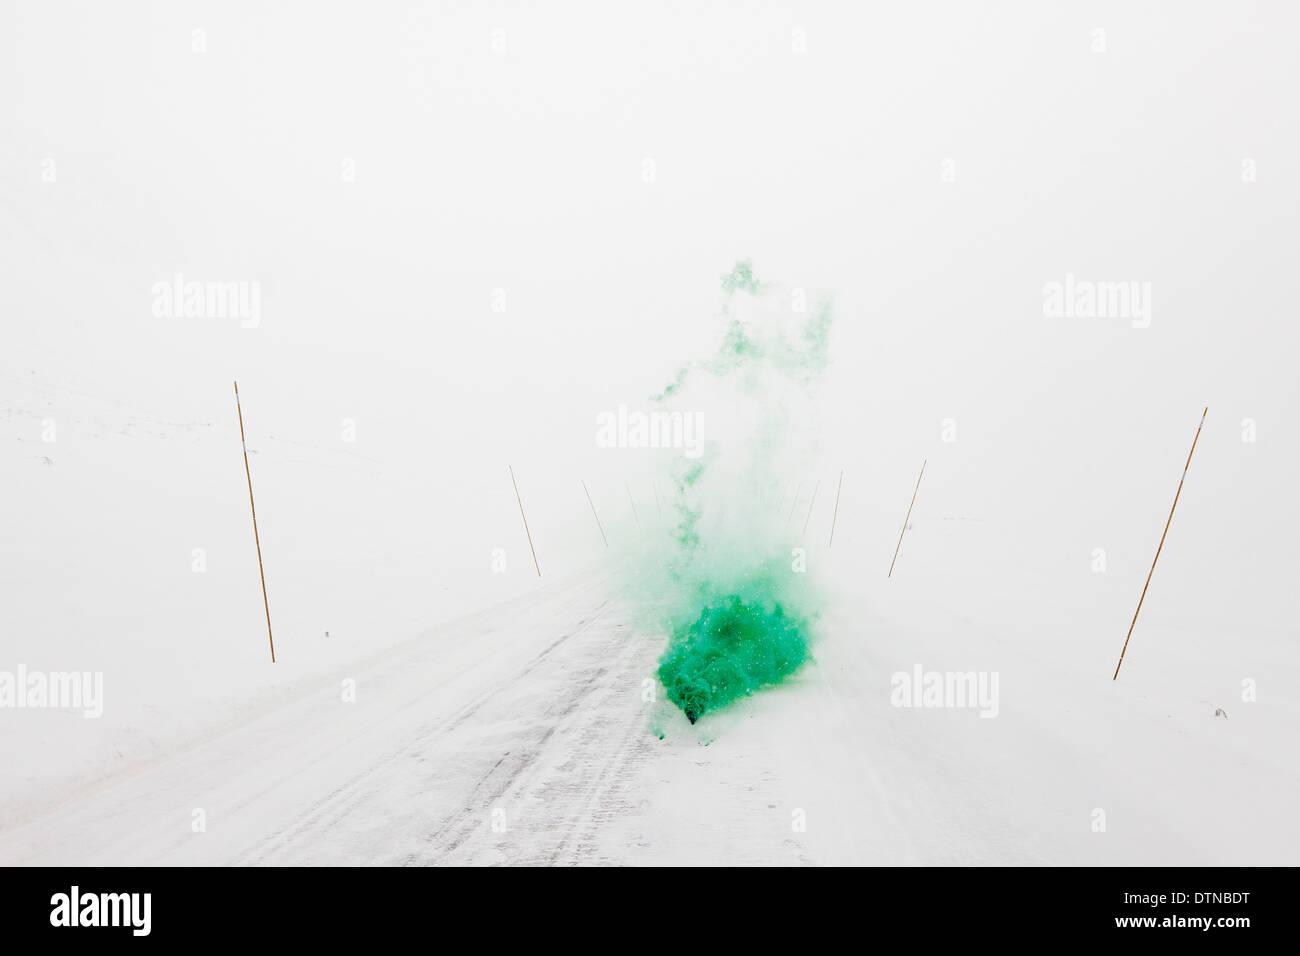 farbigen Rauch in minimalistischen Schneelandschaft Stockbild